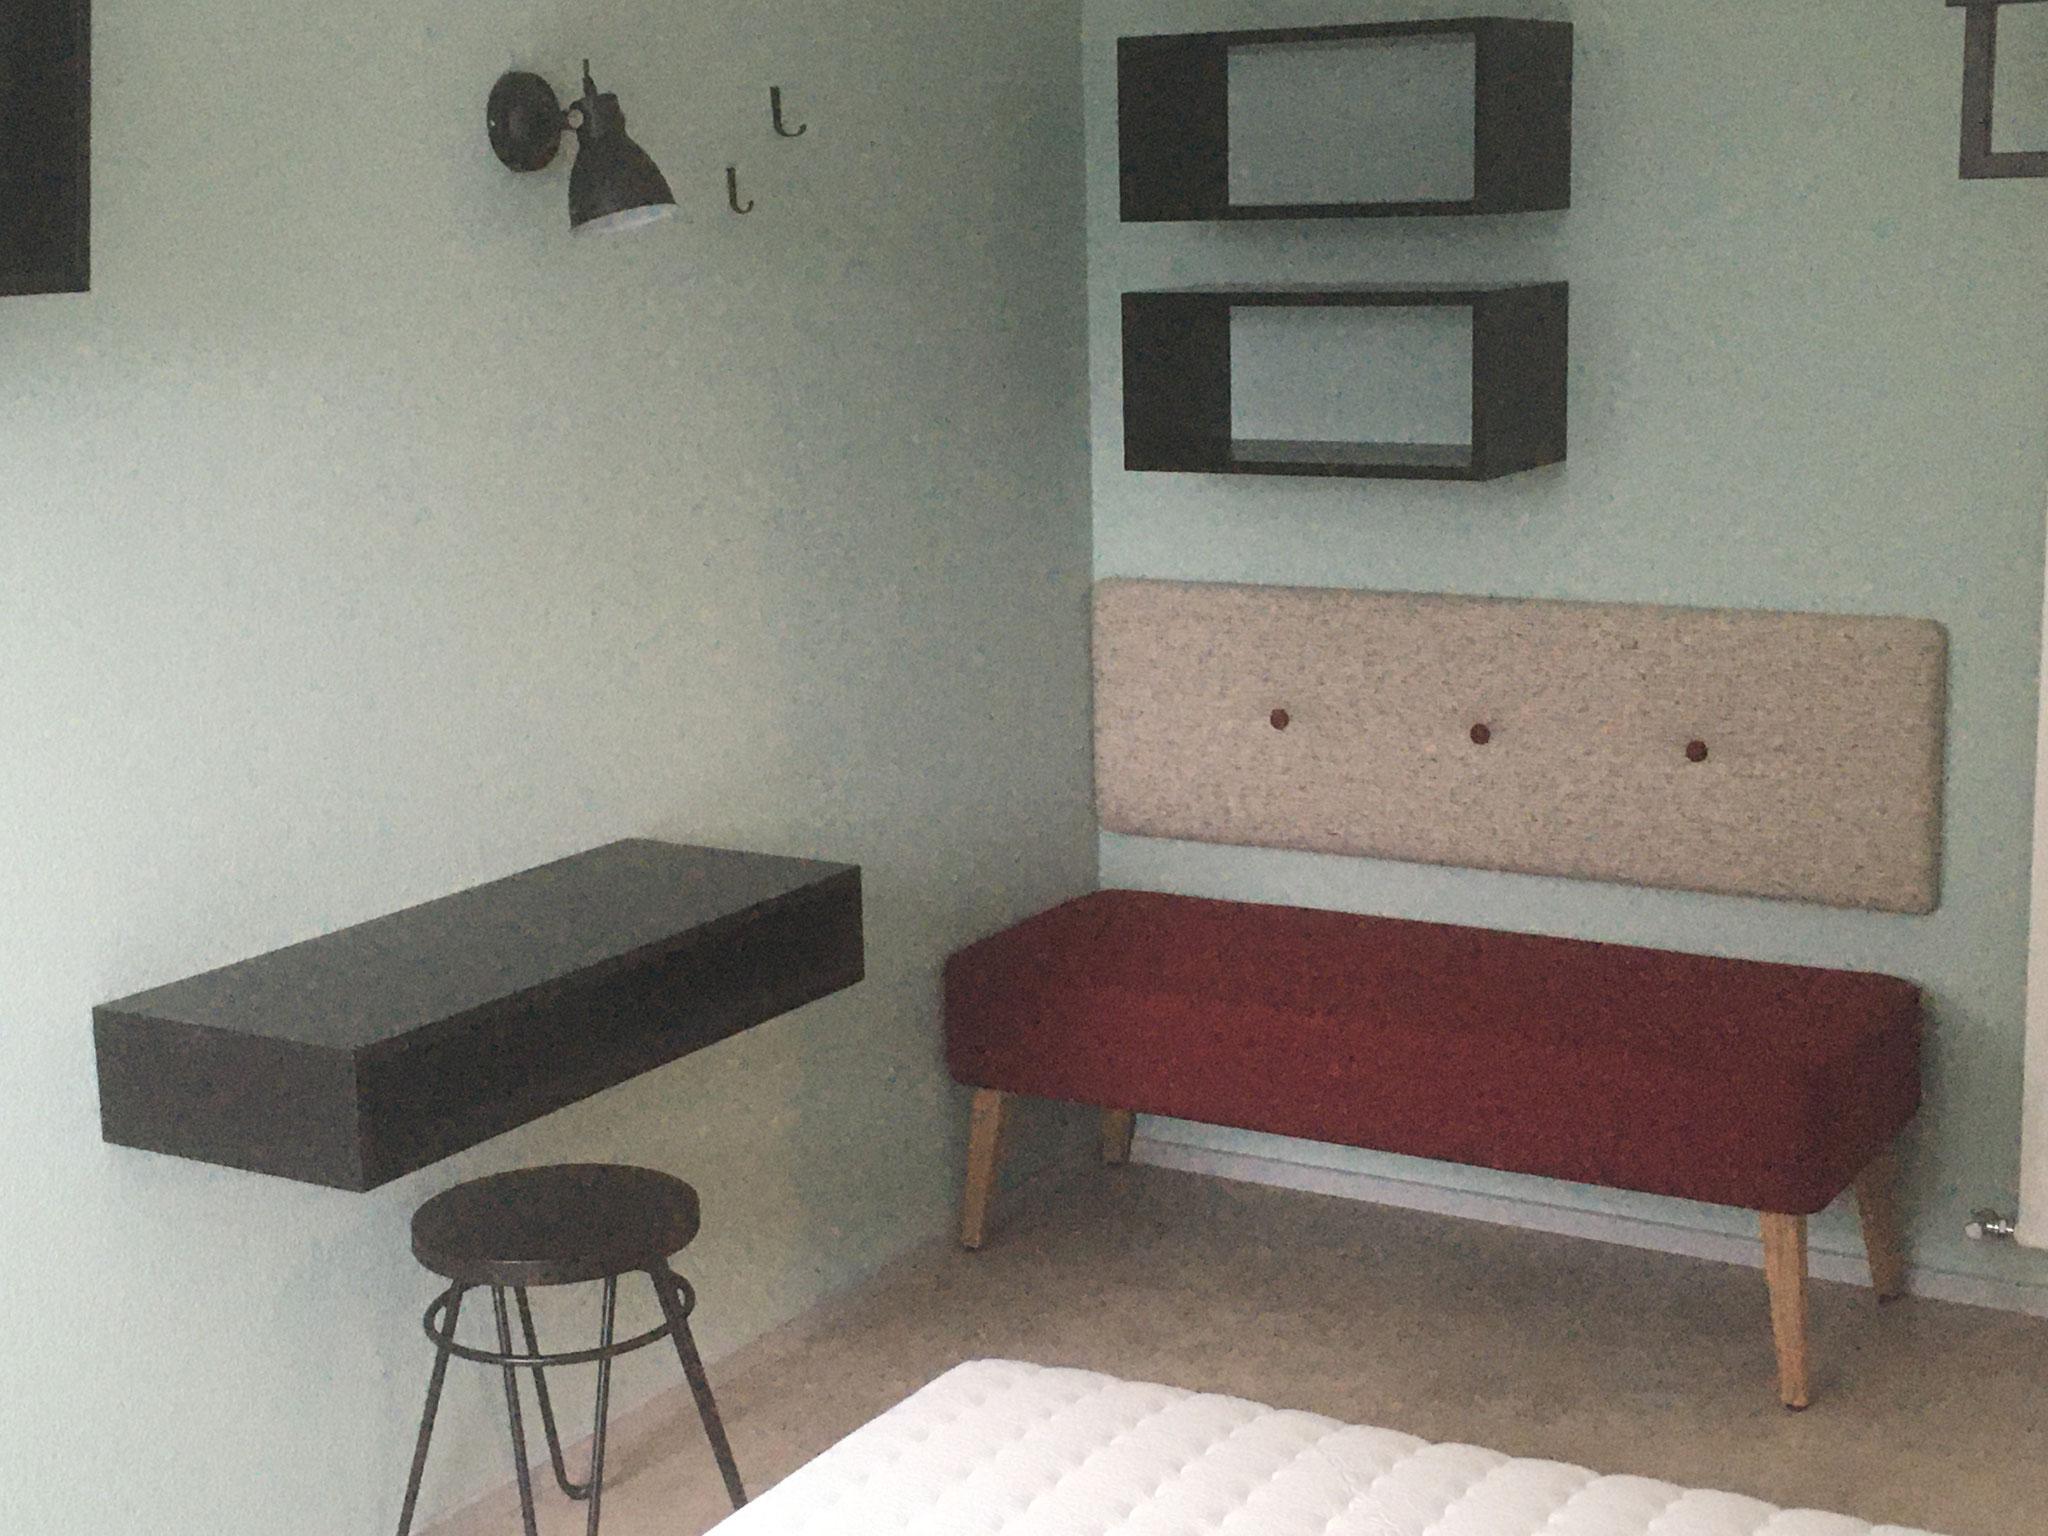 Sitzbank, gepolstert mit passender Rückenlehne & schwarze Ablageflächen